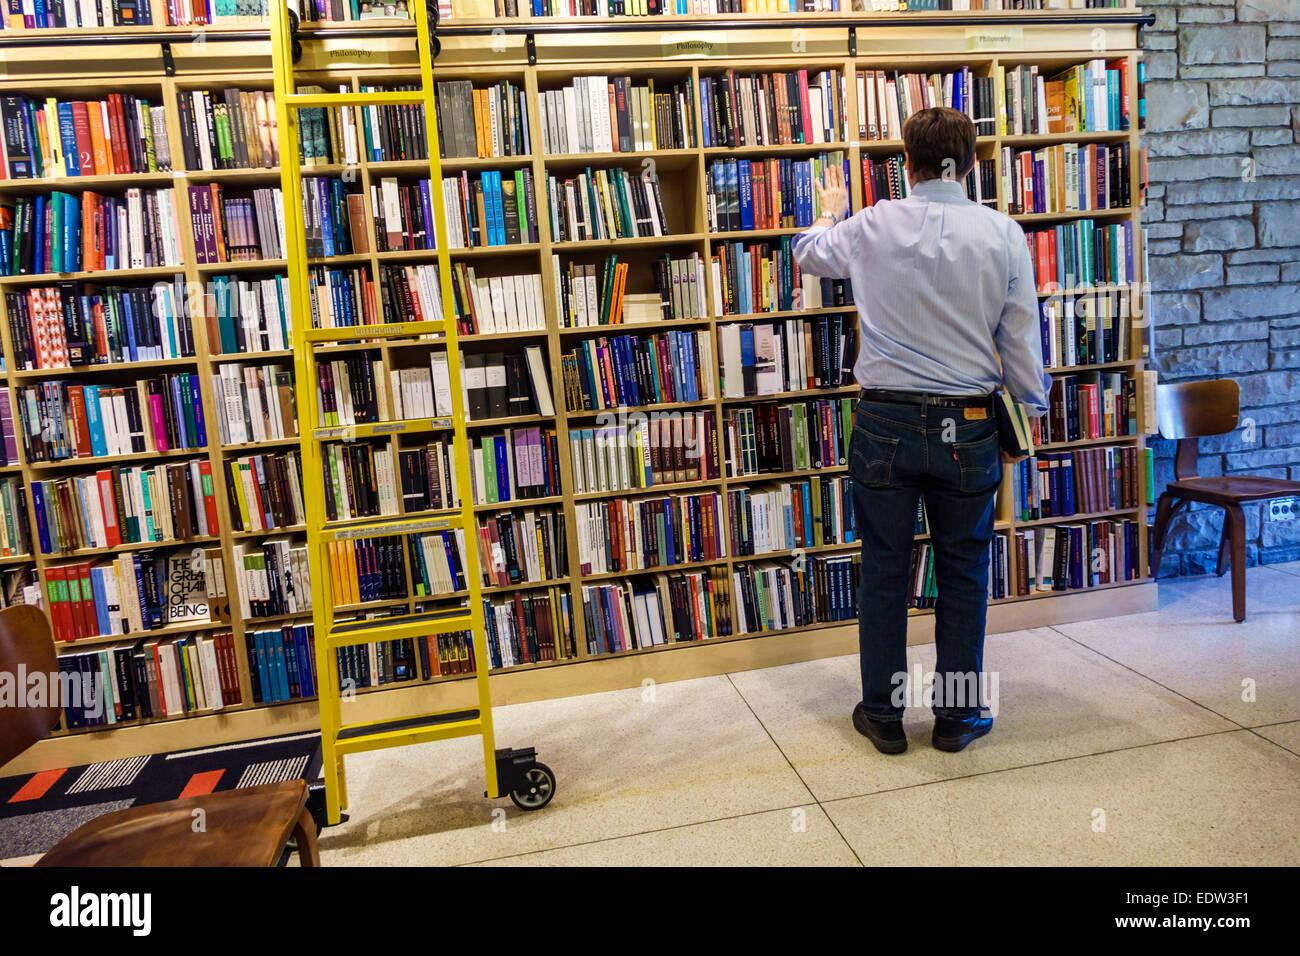 Illinois, IL, Midwest, Chicago, Hyde Park, campus, Universidad de Chicago, las librerías de la cooperativa del seminario, Foto de stock